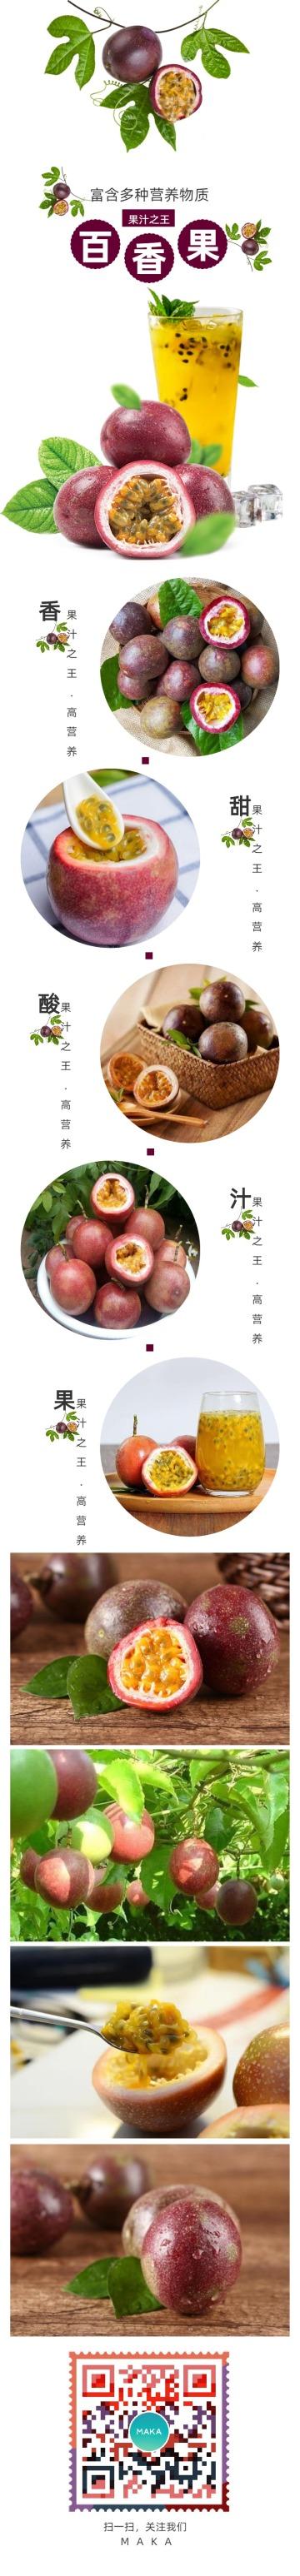 水果百香果扁平简约风格产品详情页海报模板